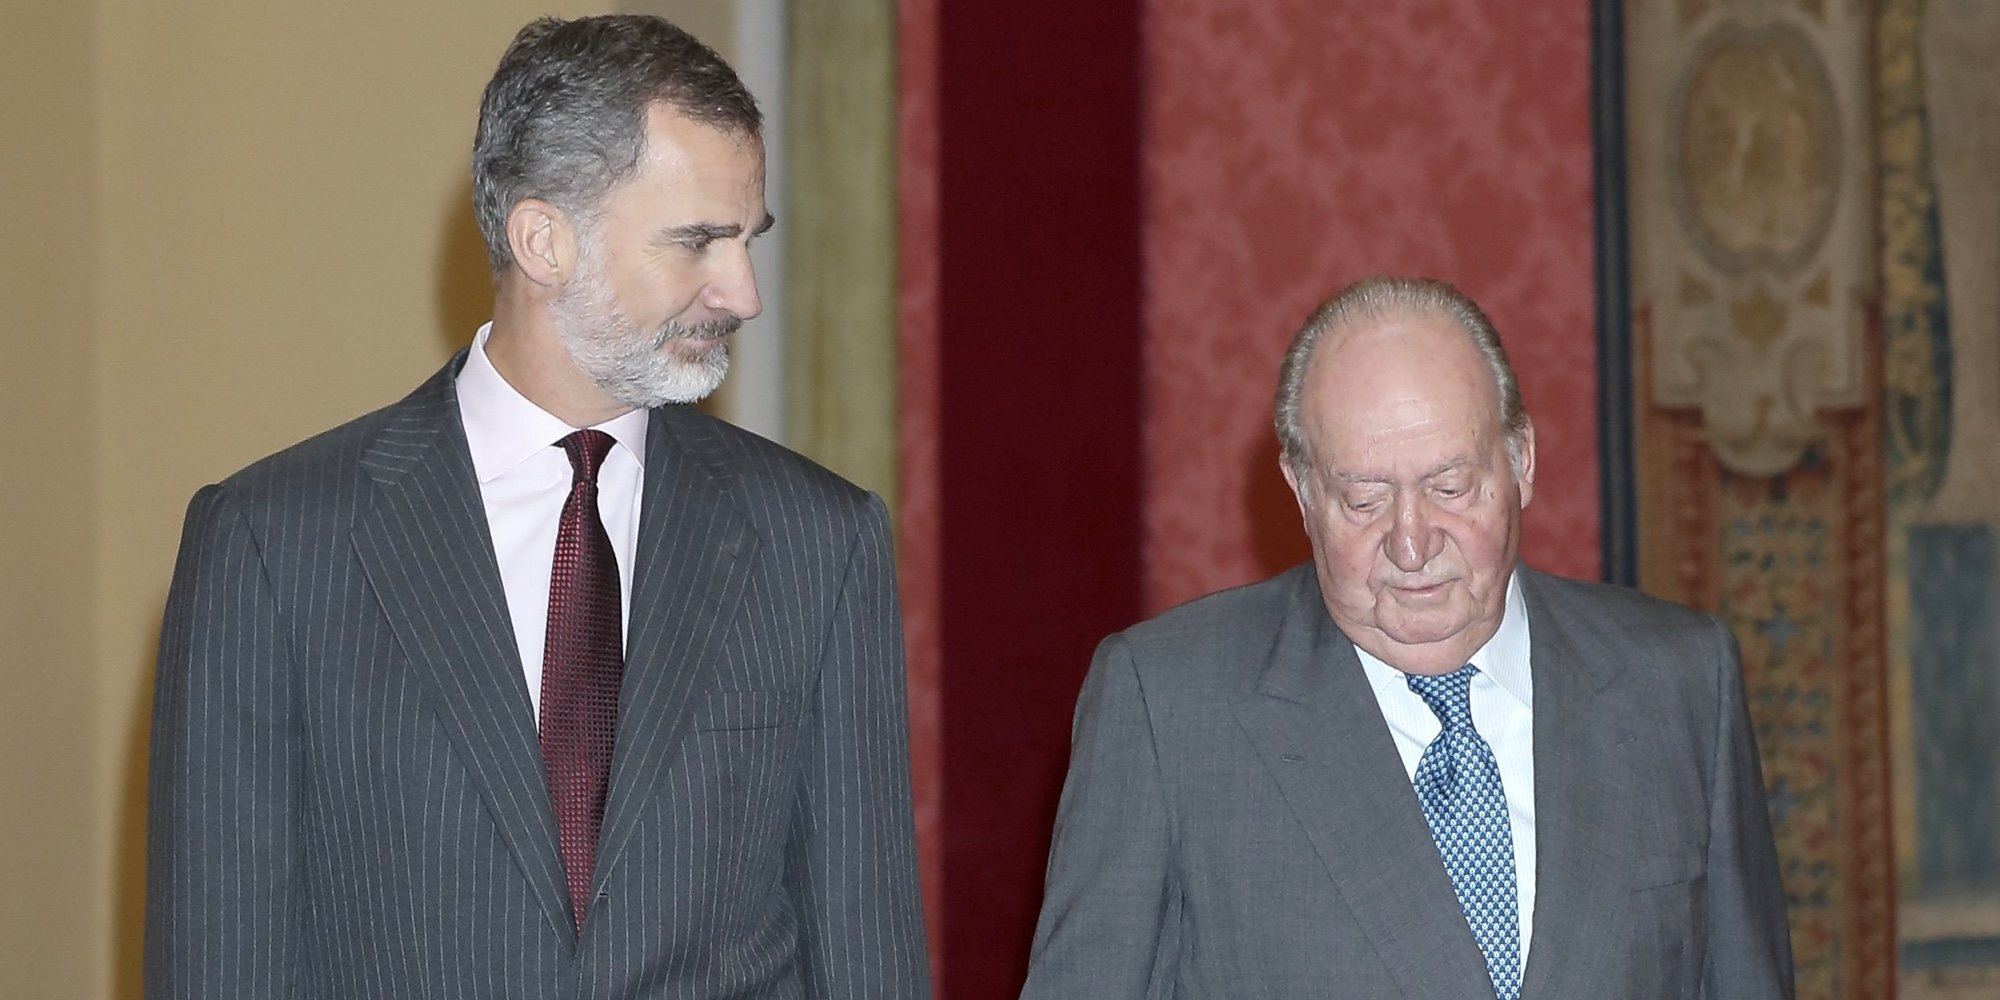 El esfuerzo del Rey Felipe para reconciliarse con el Rey Juan Carlos pese a las presiones